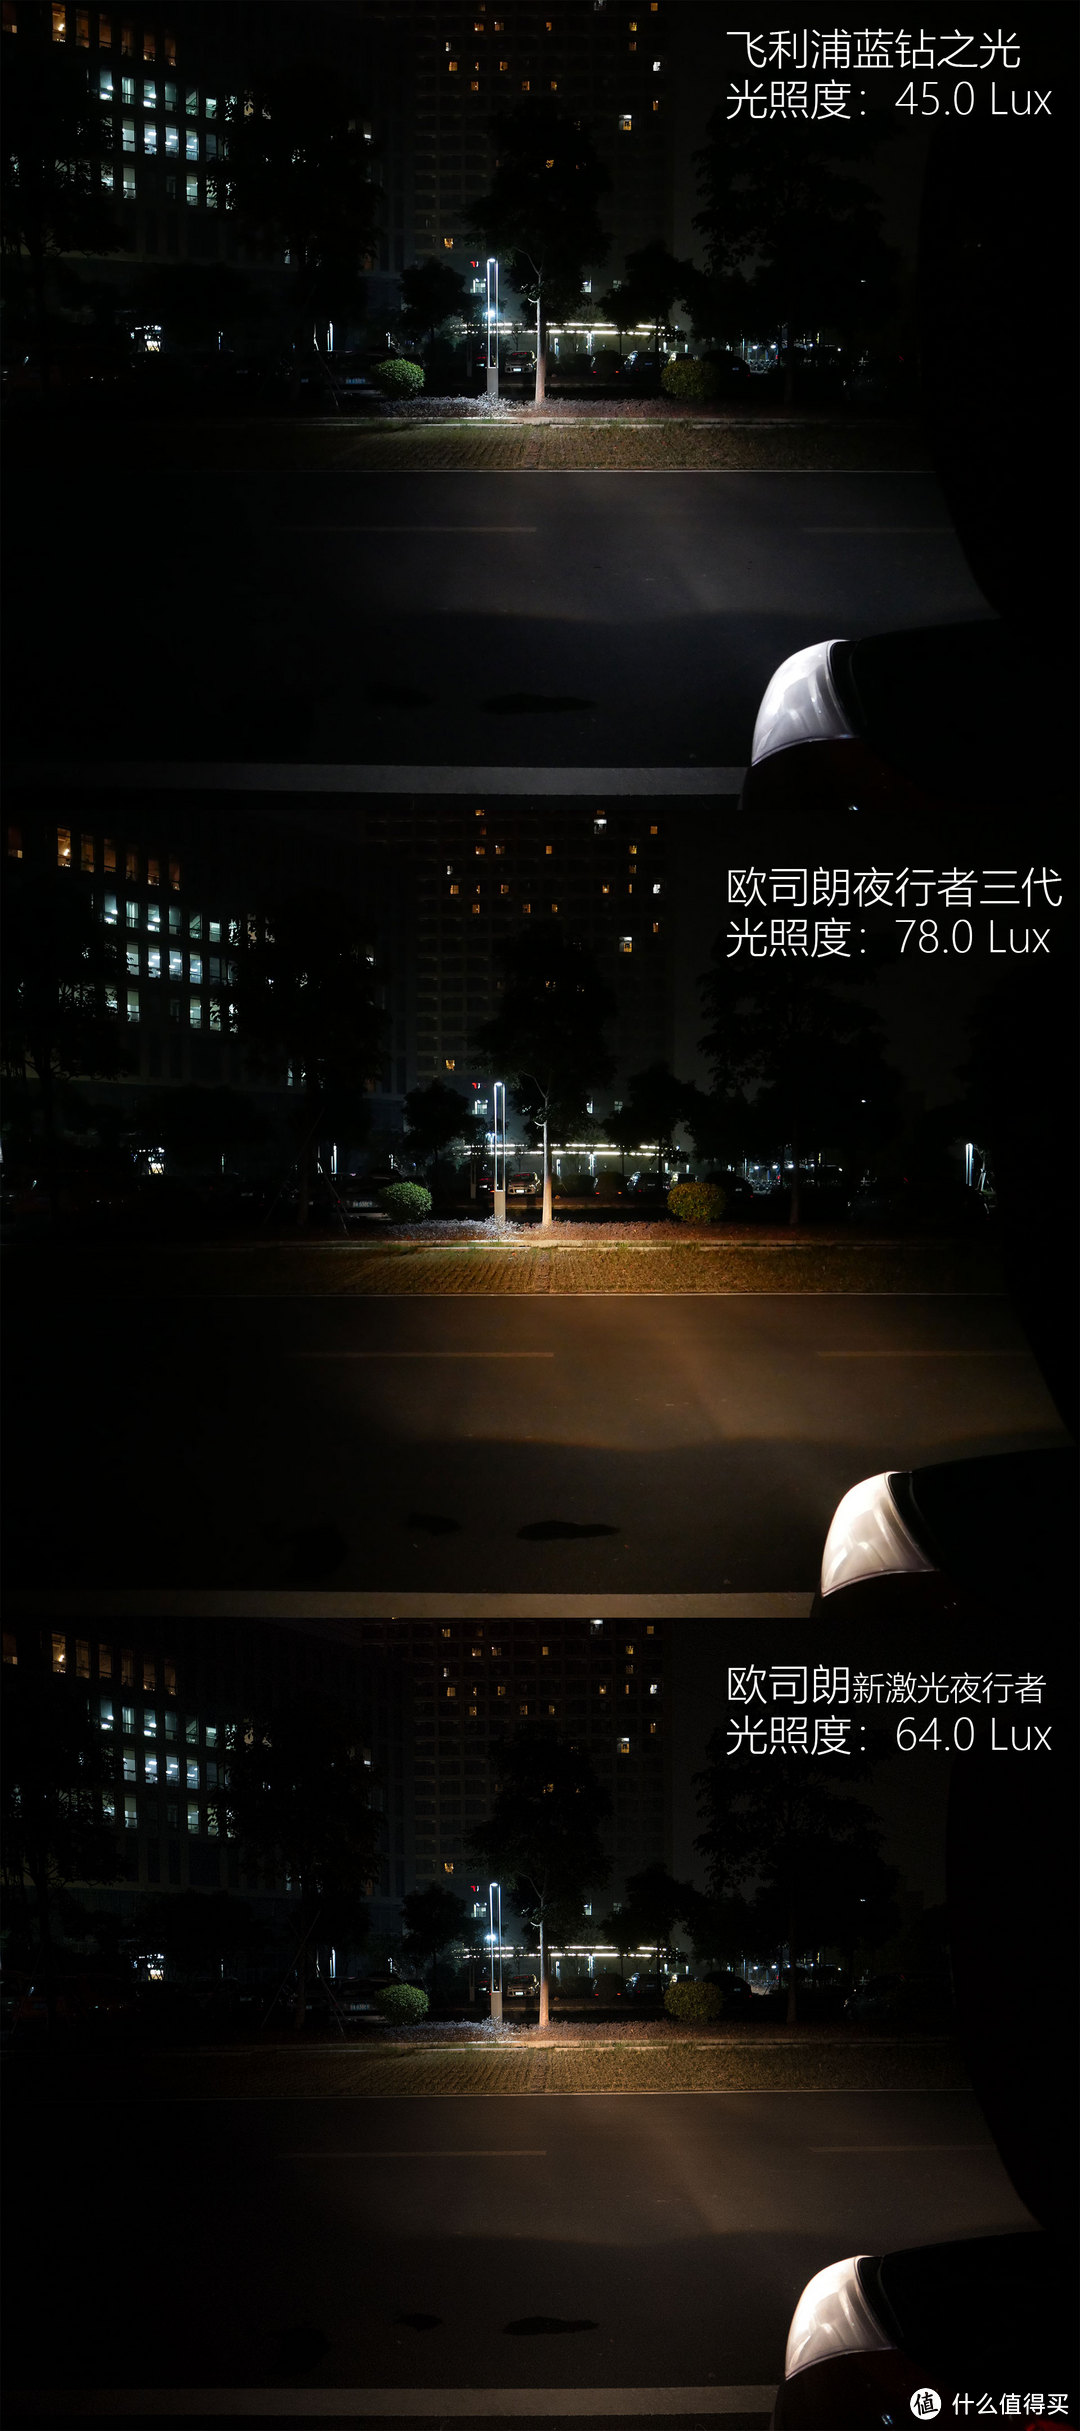 吉利帝豪GS换灯泡教程 顺便体验欧司朗新夜行者激光限量版